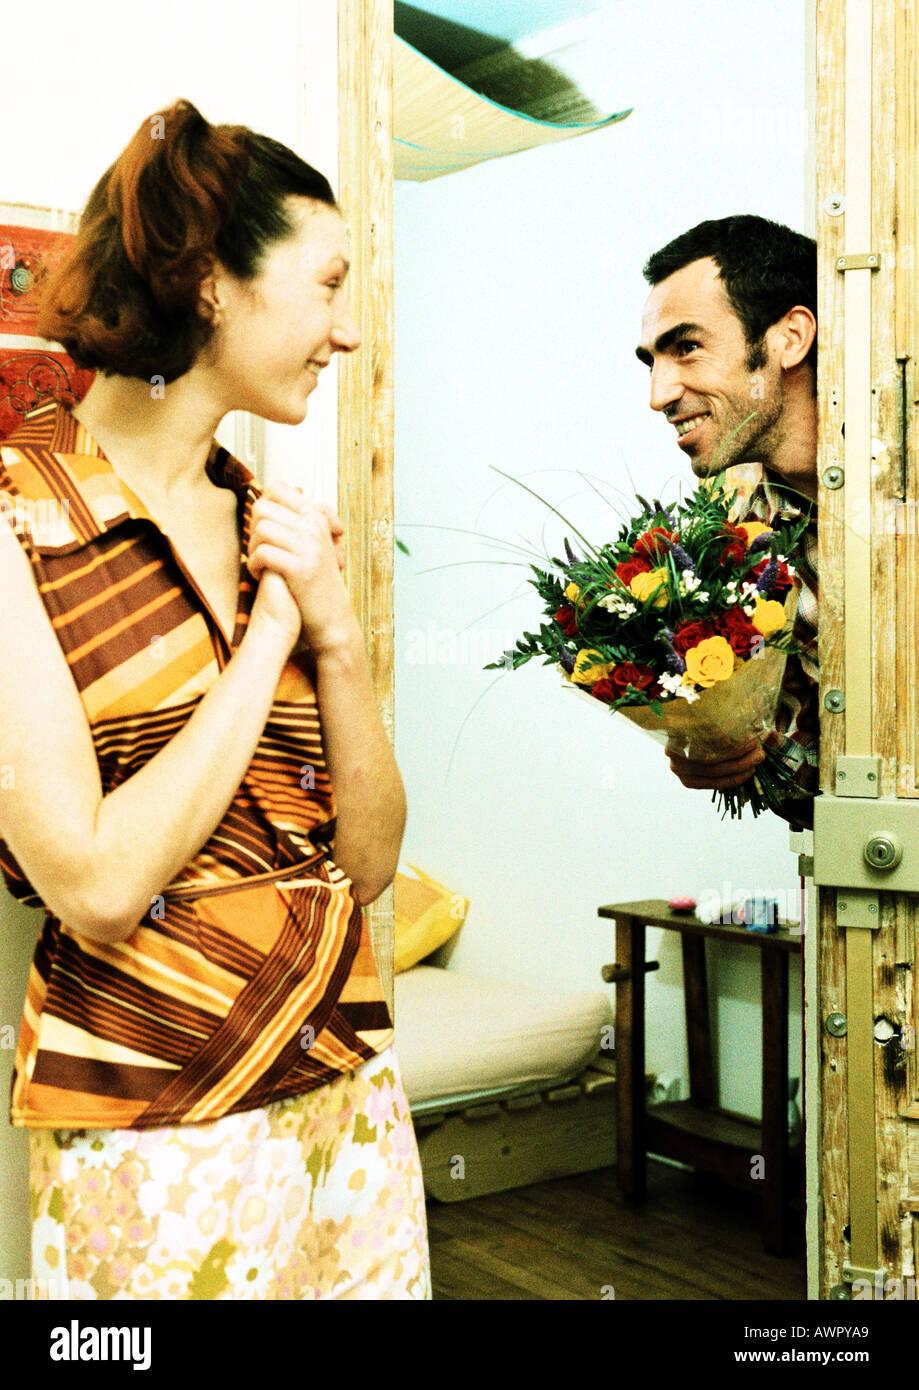 Giovane, uomo a camminare attraverso lo sportello azienda bouquet di fiori, donna sorridente. Foto Stock